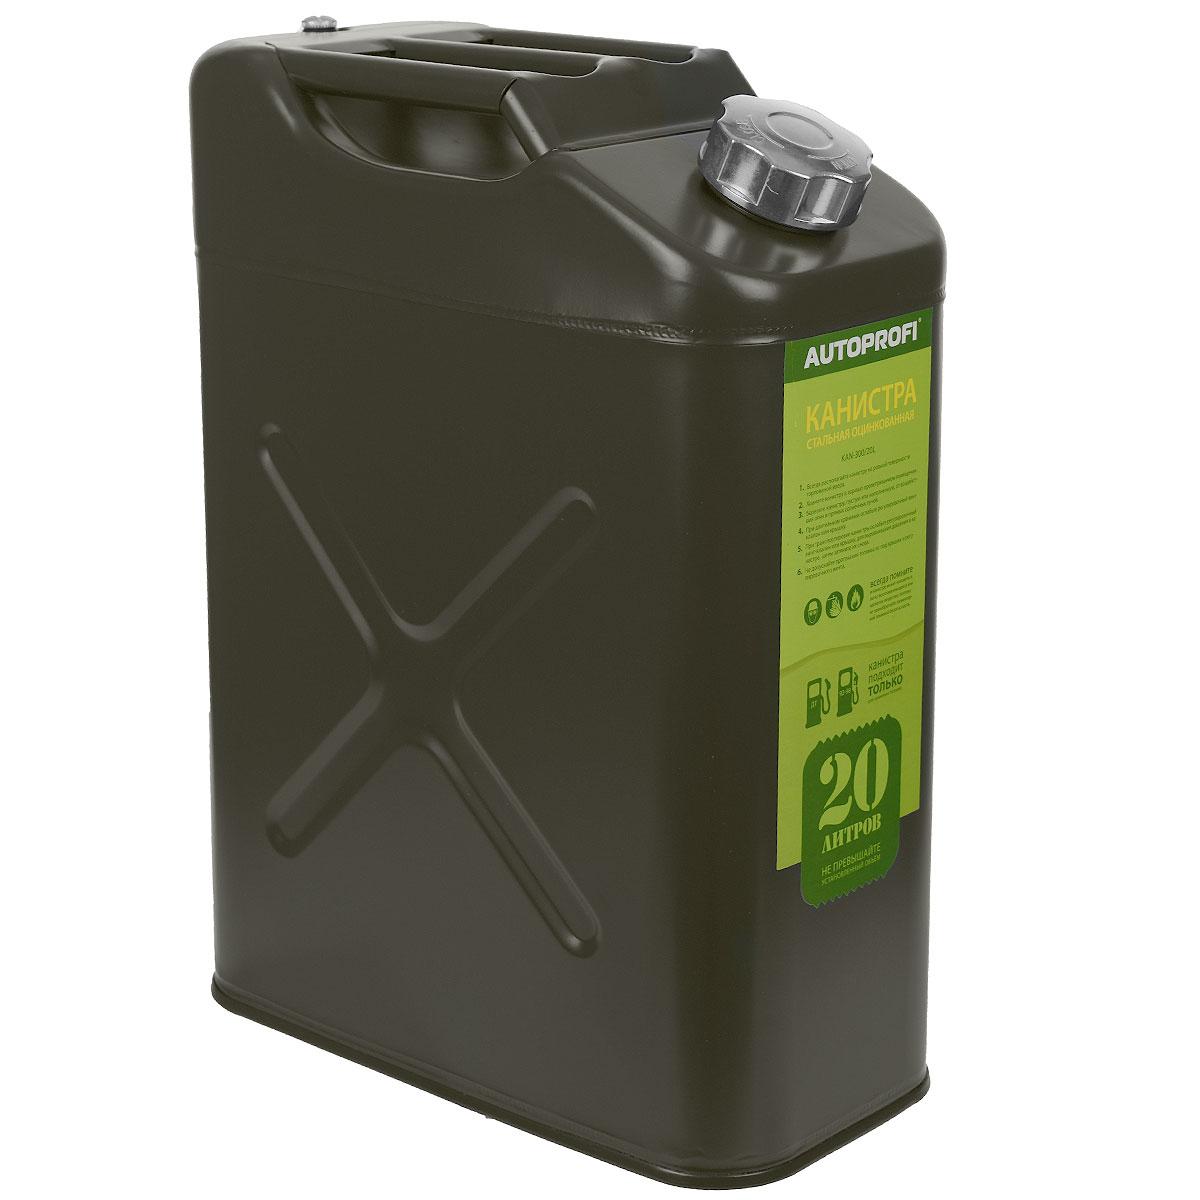 Канистра стальная Autoprofi, вертикальная, 20 л. KAN-300Ветерок 2ГФУниверсальная 20-литровая канистра Autoprofi предназначена для хранения топлива любого вида. Канистра изготовлена из оцинкованной стали, которая обладает высокими антикоррозийными свойствами и устойчива к агрессивному воздействию заливаемой жидкости. Для удобства переноски изделие оснащено тремя ручками. В верхнюю часть канистры встроен регулировочный клапан, который выравнивает давление воздуха внутри емкости с атмосферным, ускоряя процесс заливки и опорожнения. С канистрой также поставляется гофрированная трубка-лейка, находящаяся под крышкой. С ее помощью удобно заливать топливо в горловину бака любой конфигурации. Характеристики: Материал: оцинкованная сталь. Цвет: черный. Объем: 20 л. Размер канистры (ДхШхВ): 34,5 см х 17,5 см х 46 см. Размер упаковки: 35 см х 19 см х 48 см. Артикул: KAN-300.